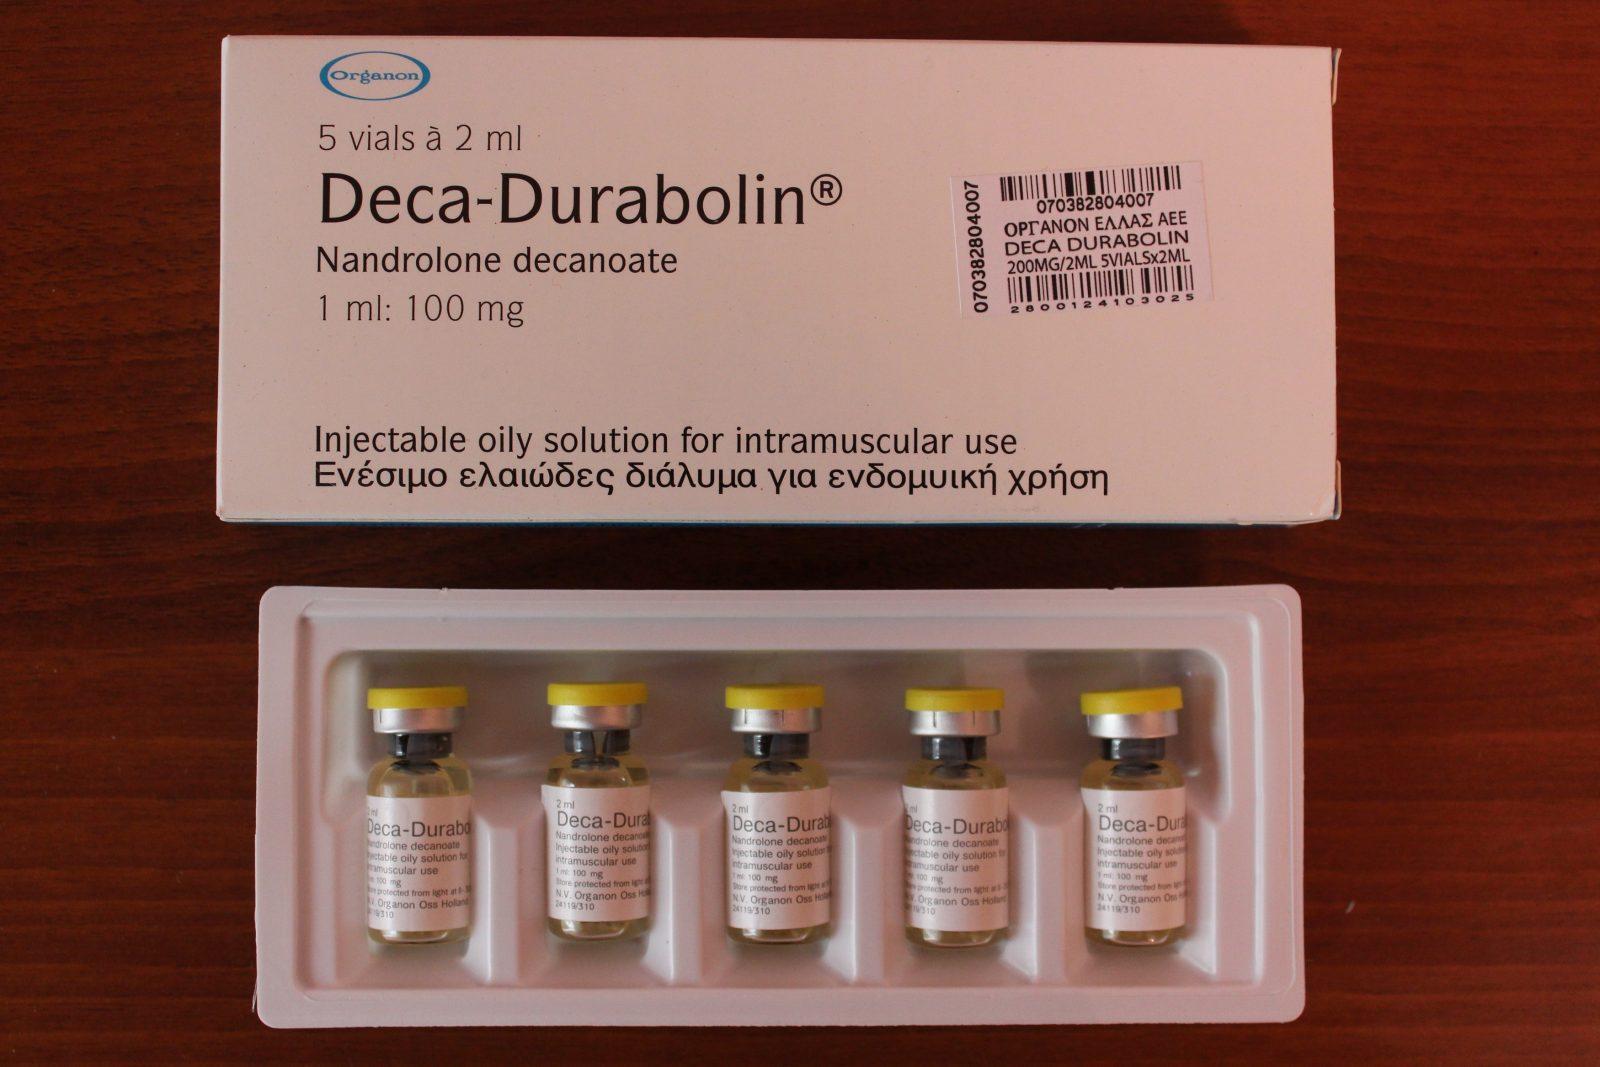 Дека-дураболин упаковка